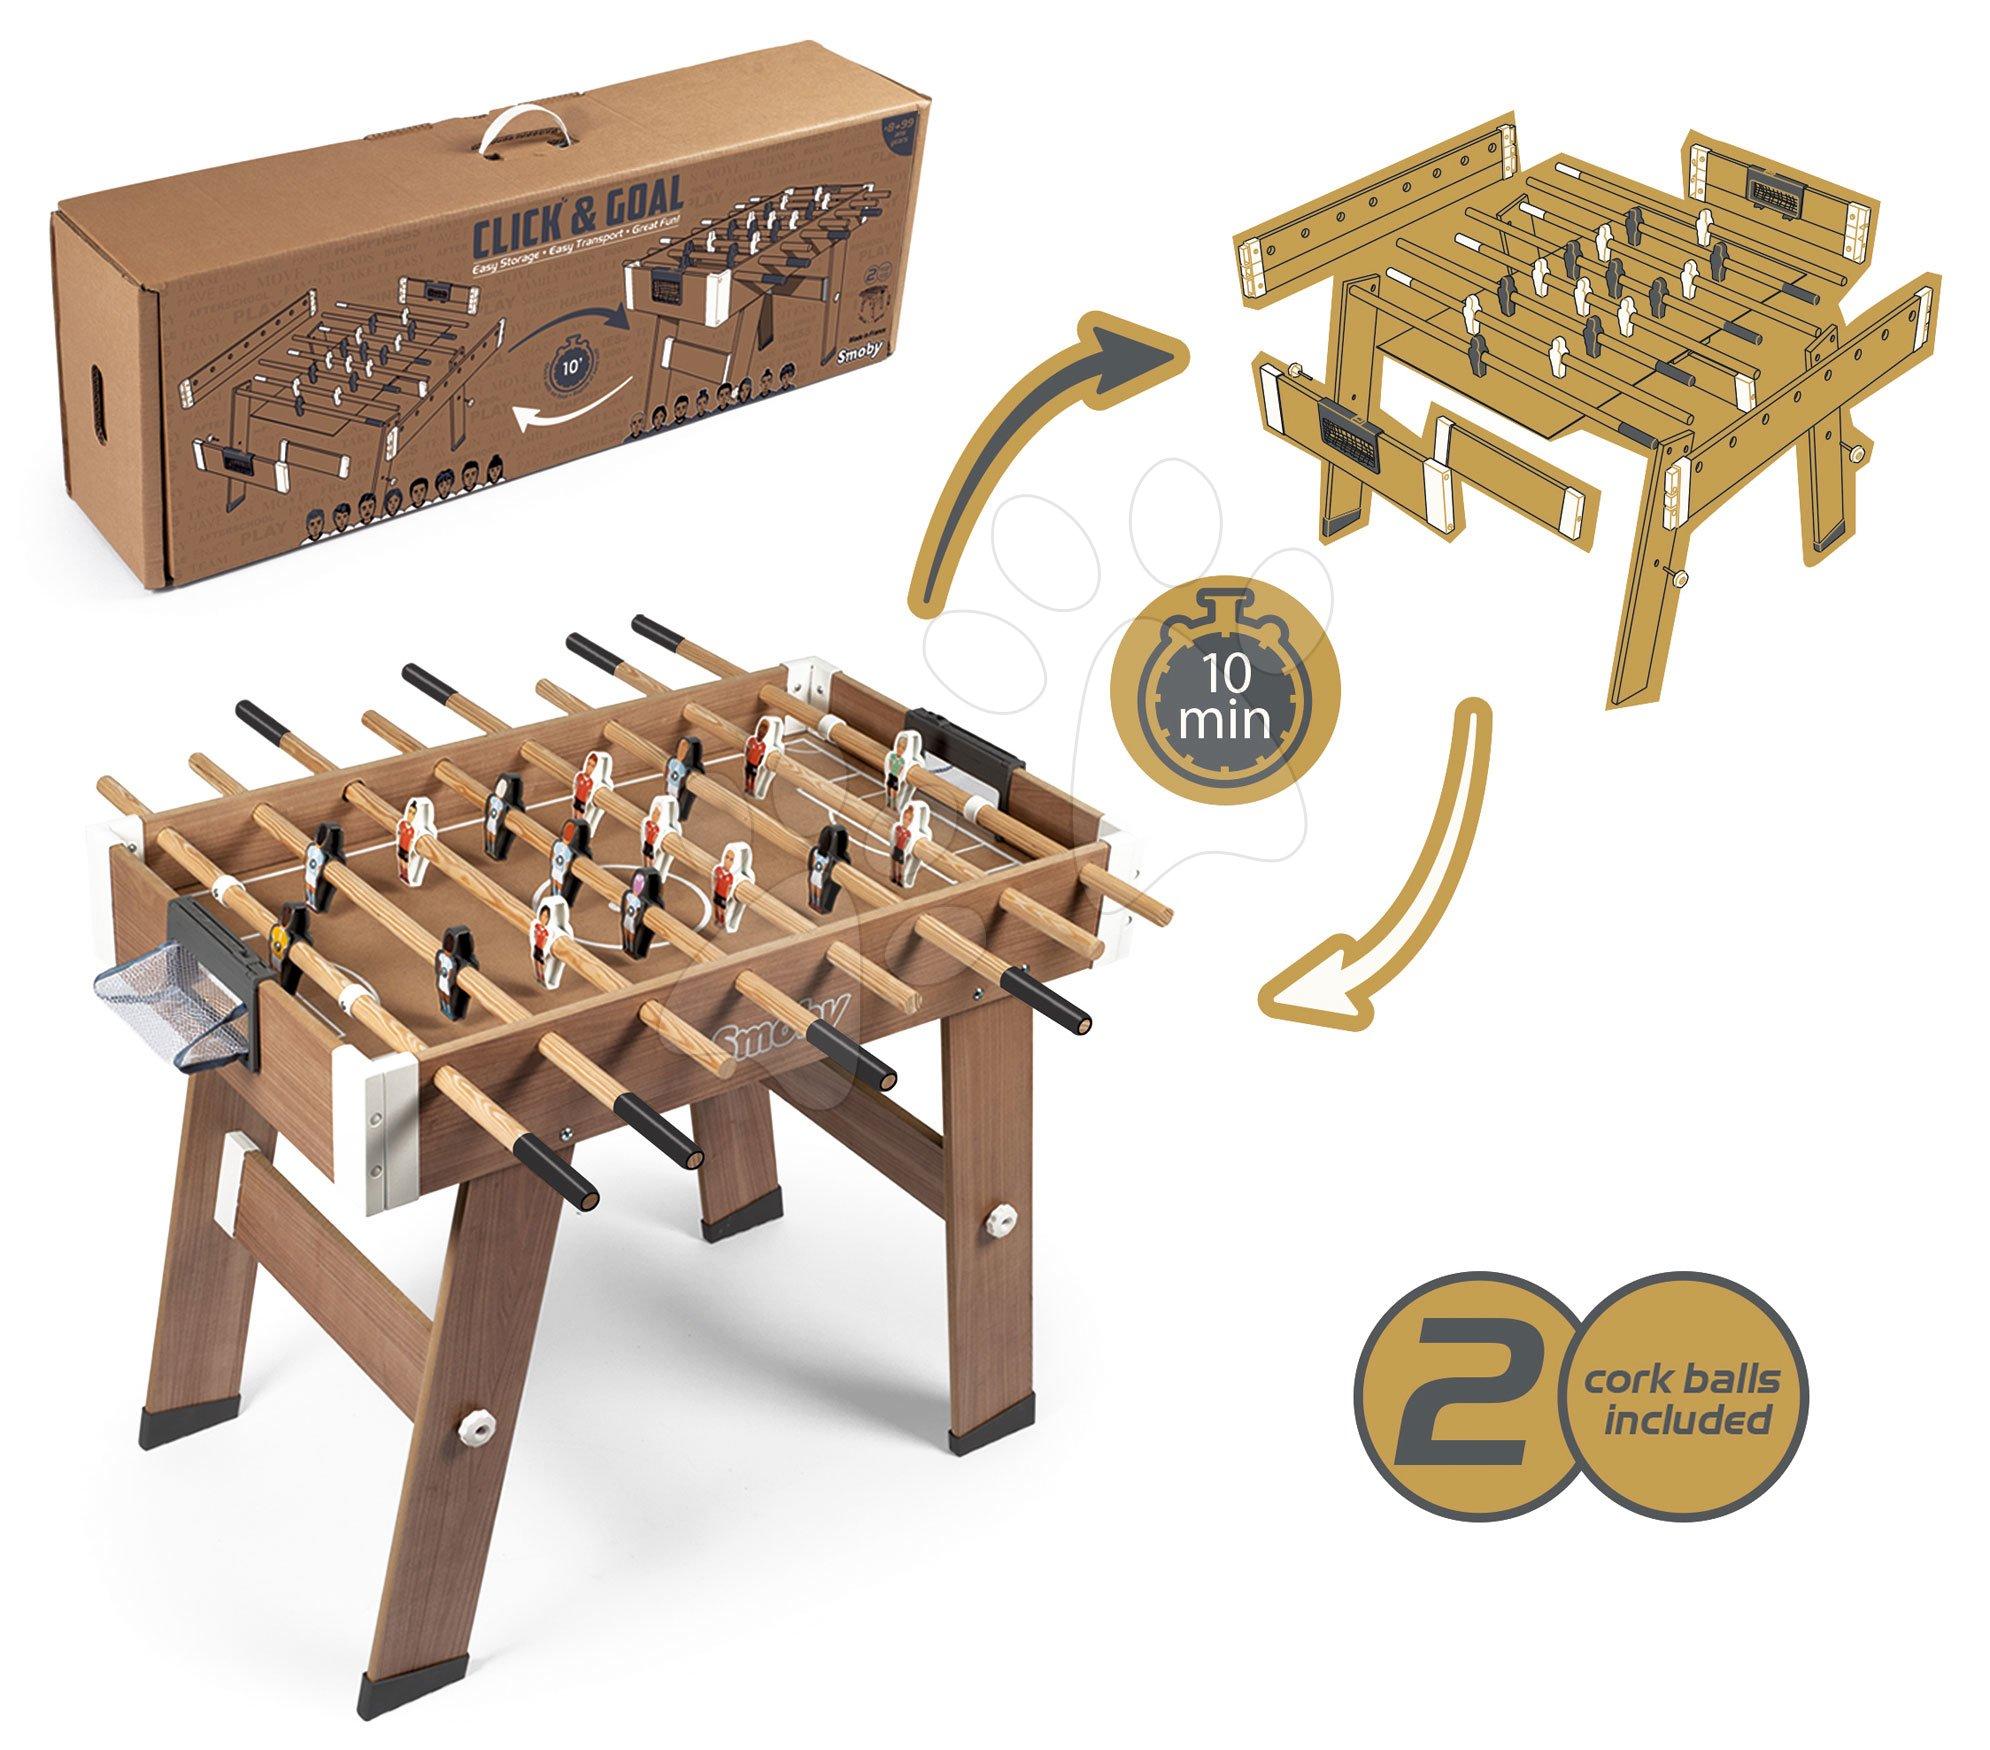 Fa csocsóasztal Click&Goal Soccer Table Smoby összecsukható 10 perc alatt 2 labdával 8 éves kortól